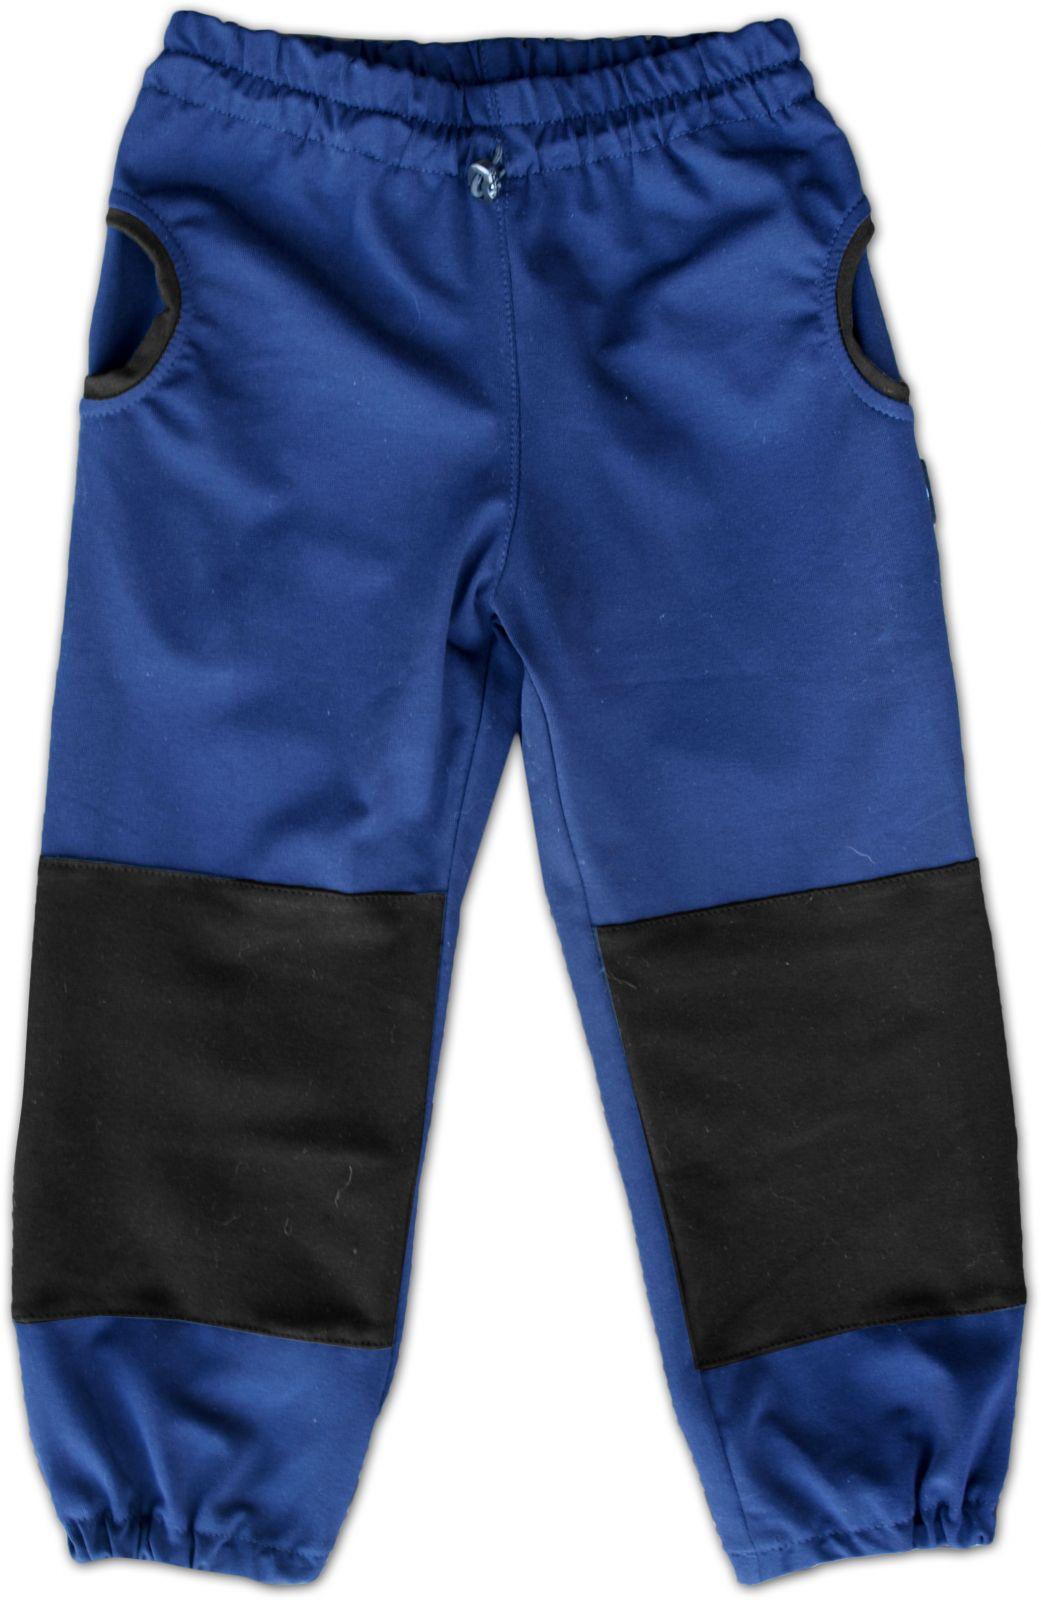 Dětské tepláky s kapsami, bavlněné, tmavě modré, velikost 92